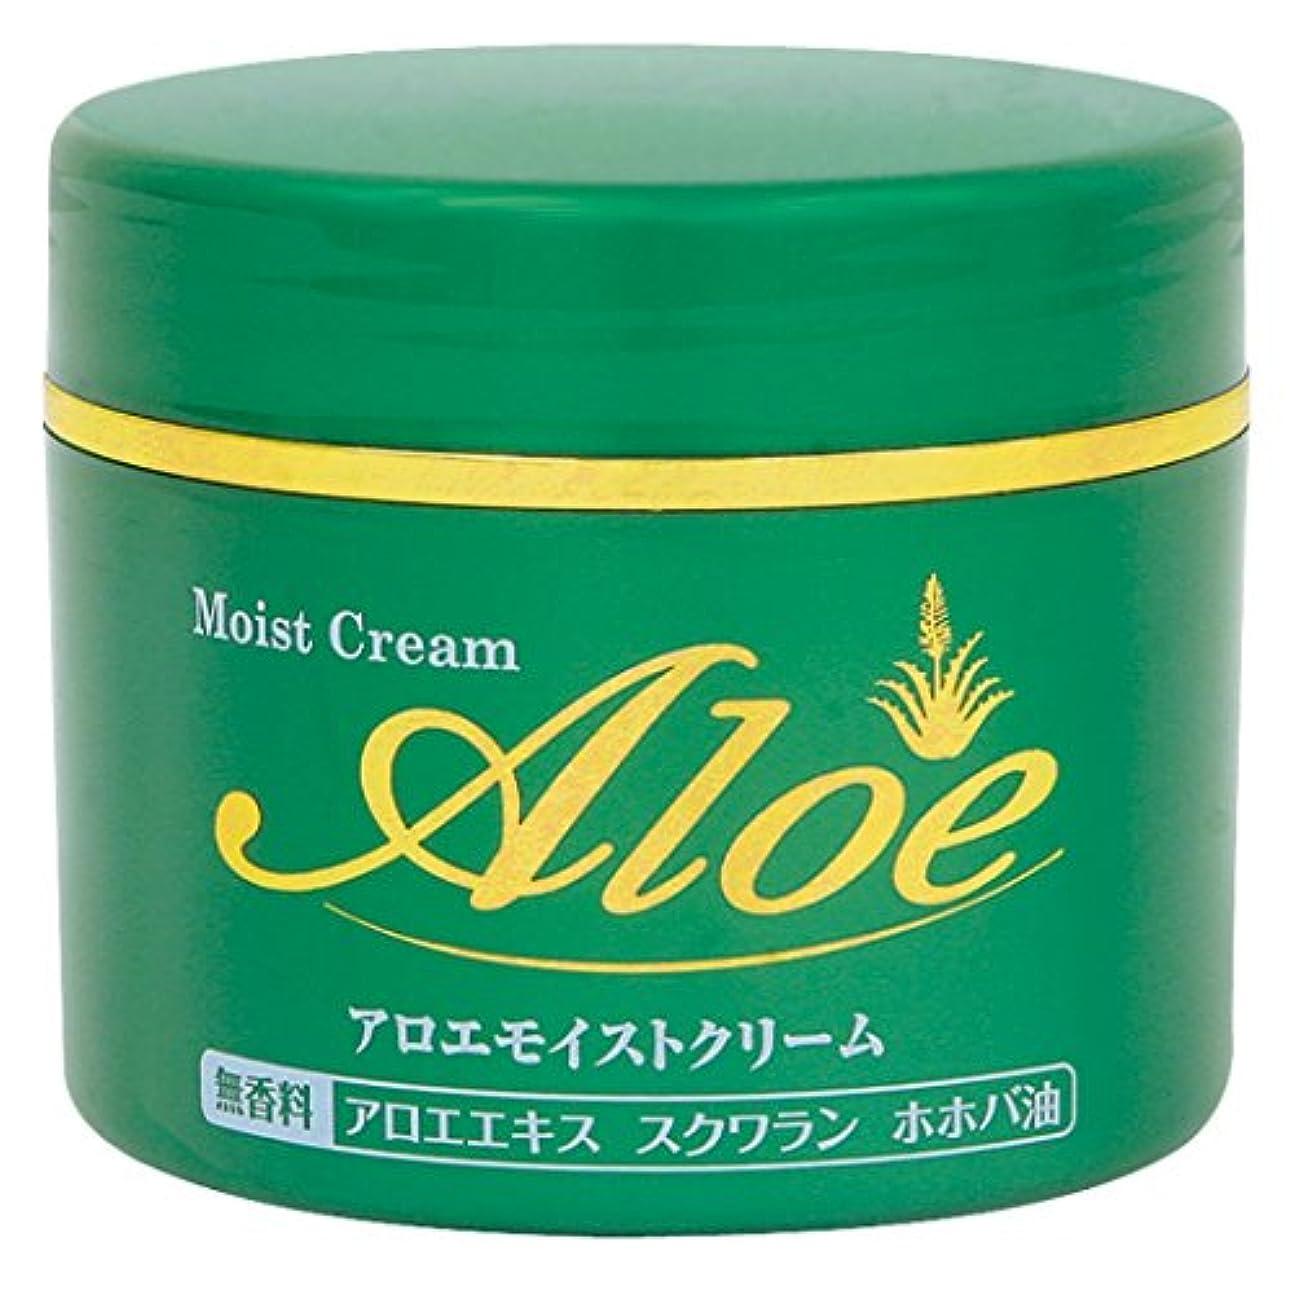 完全に乾く真面目な不明瞭アロエモイストクリーム 160g